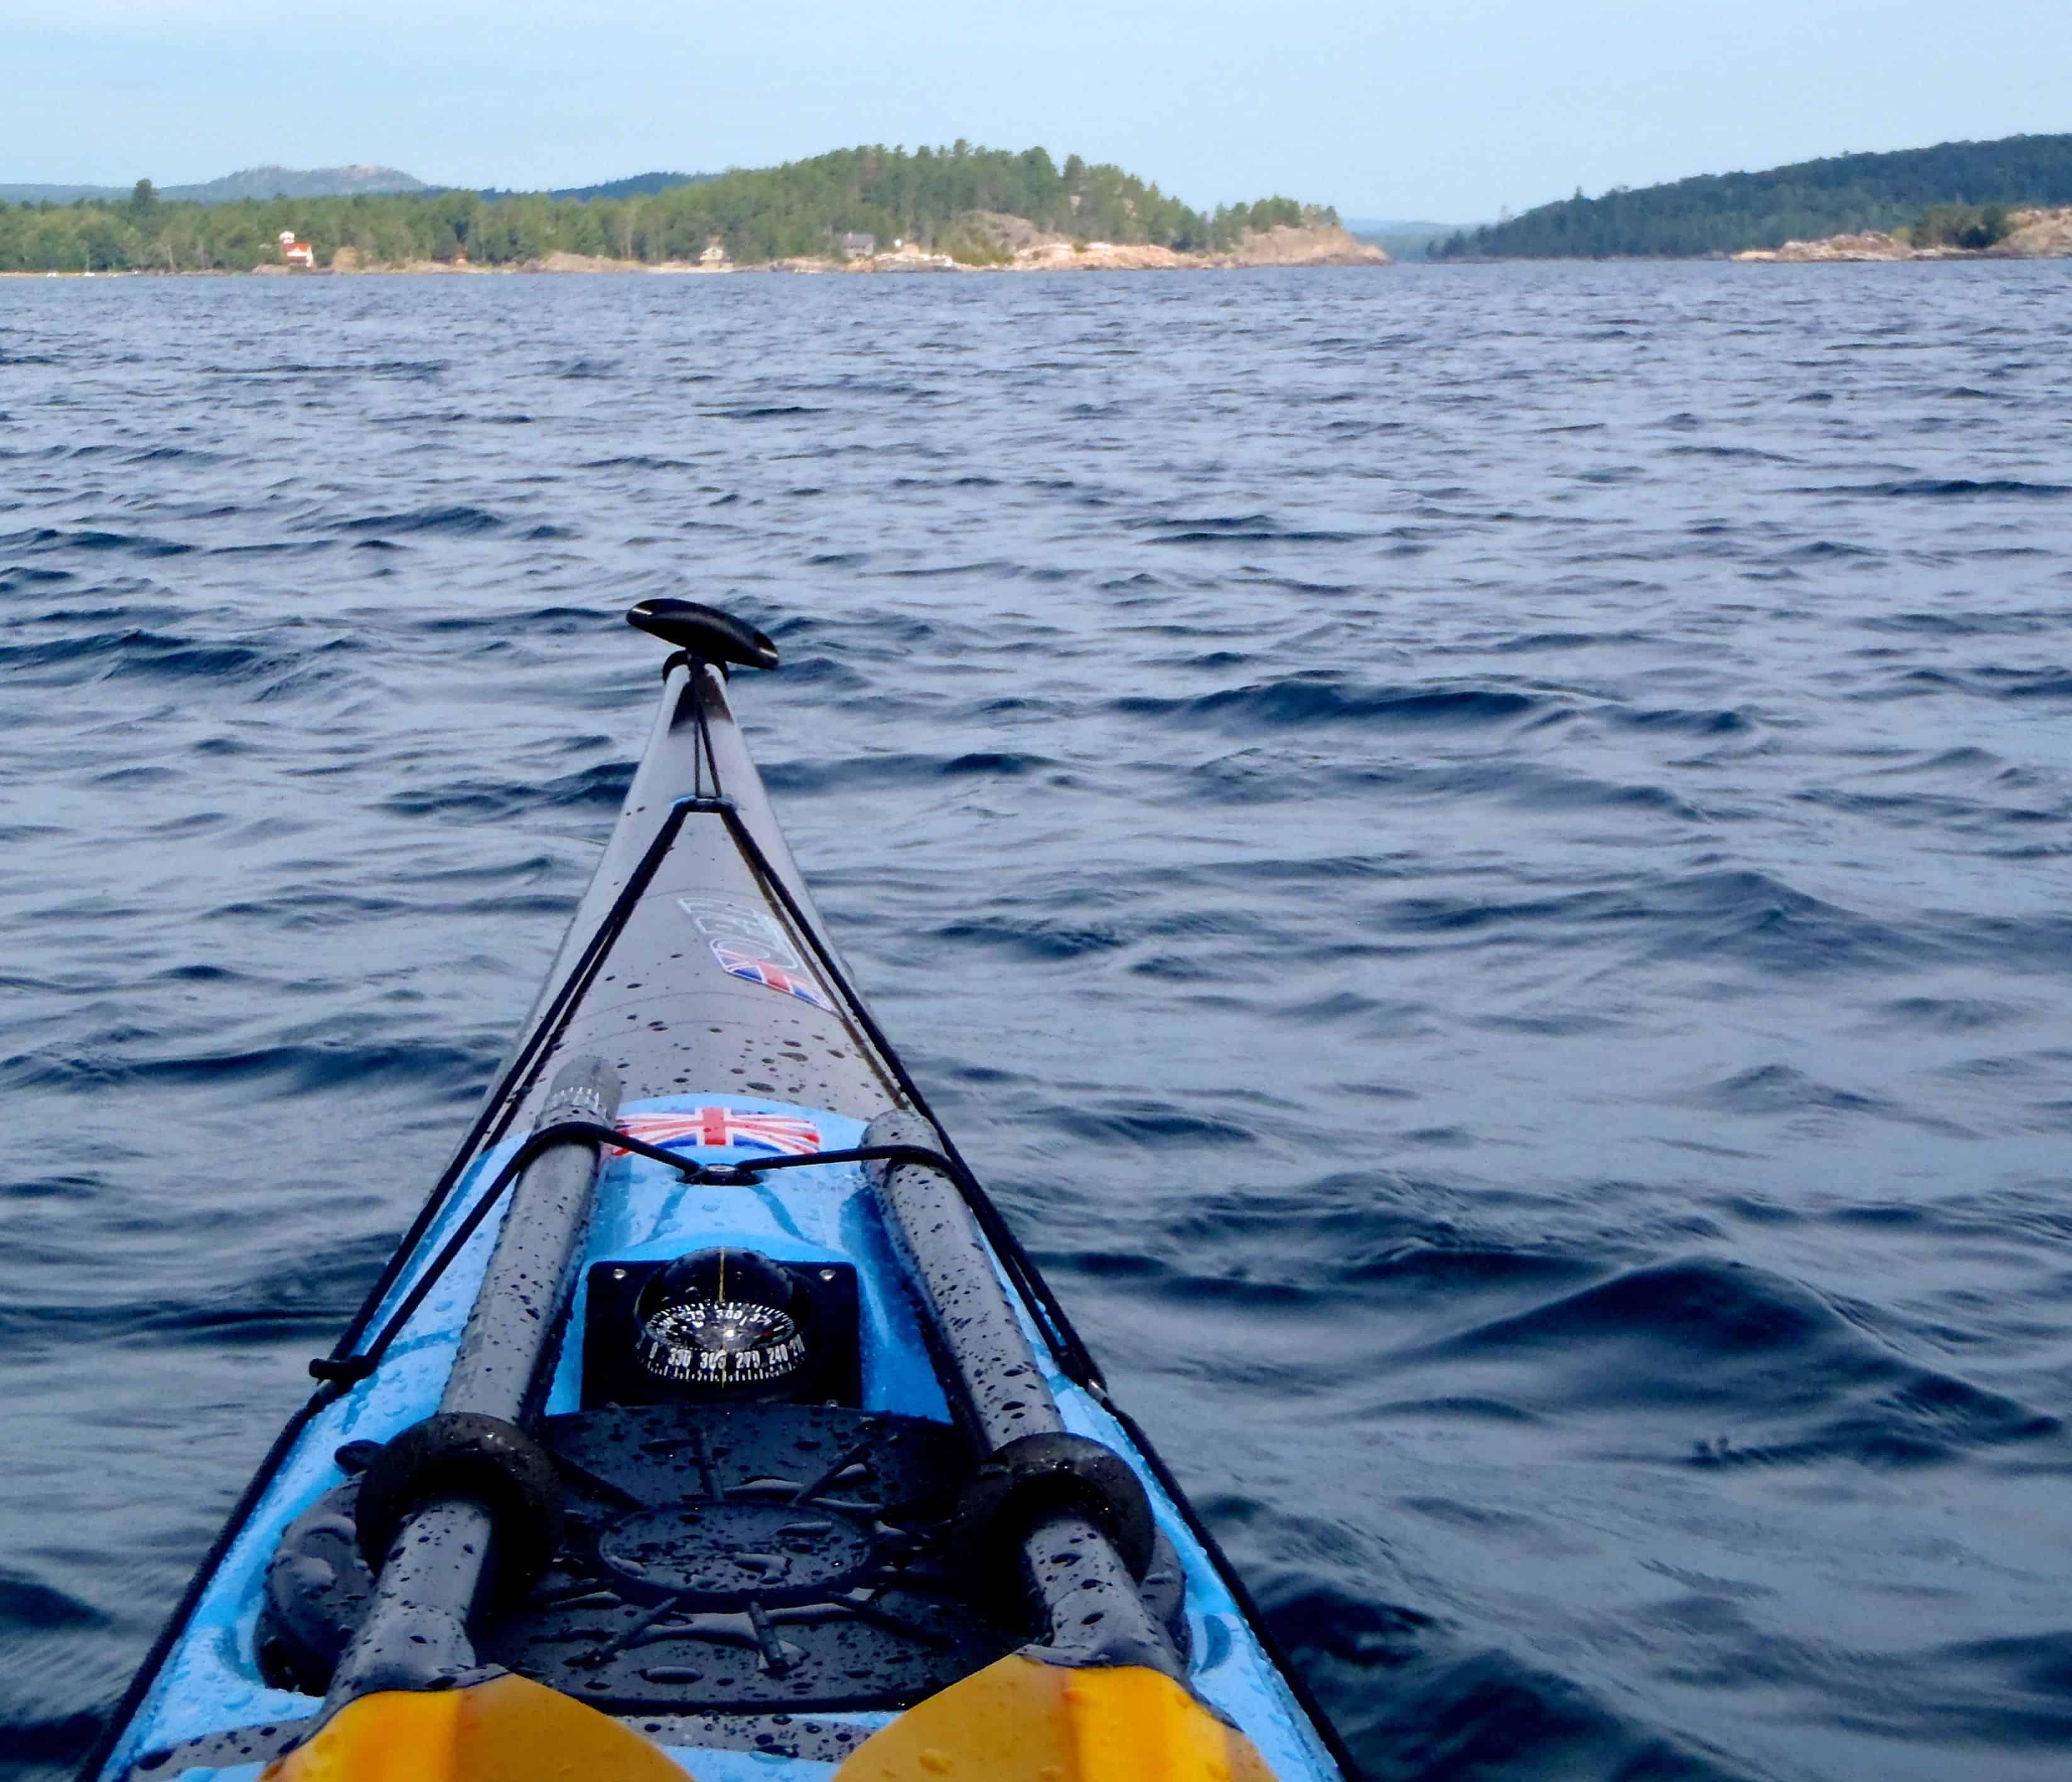 Compass mounted on kayak